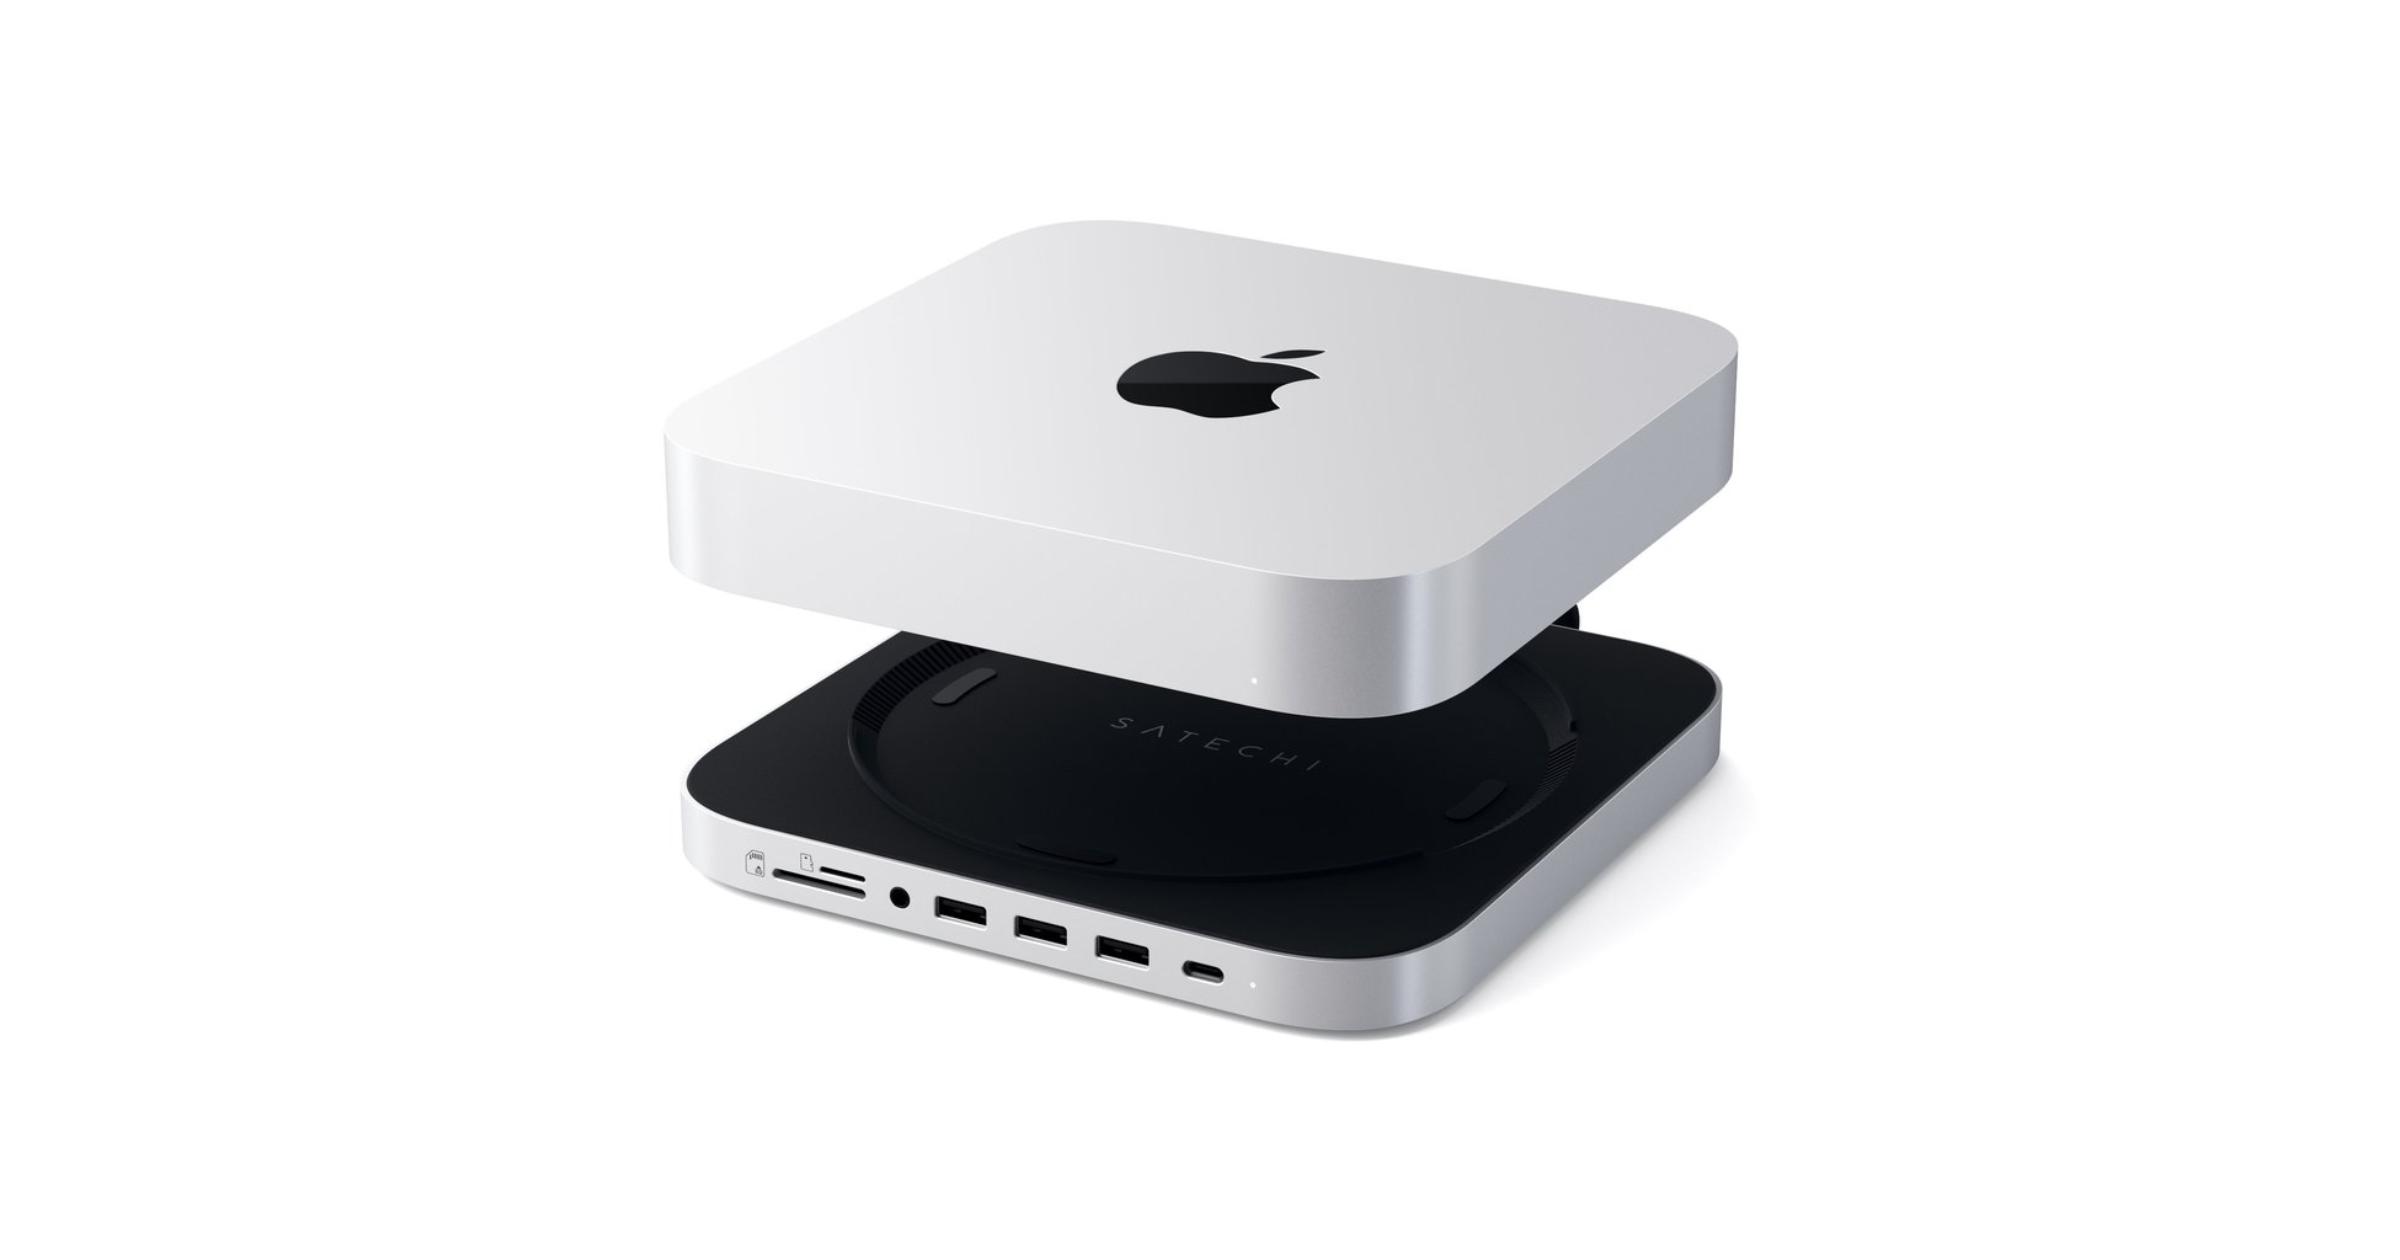 Satechi Mac mini stand and hub